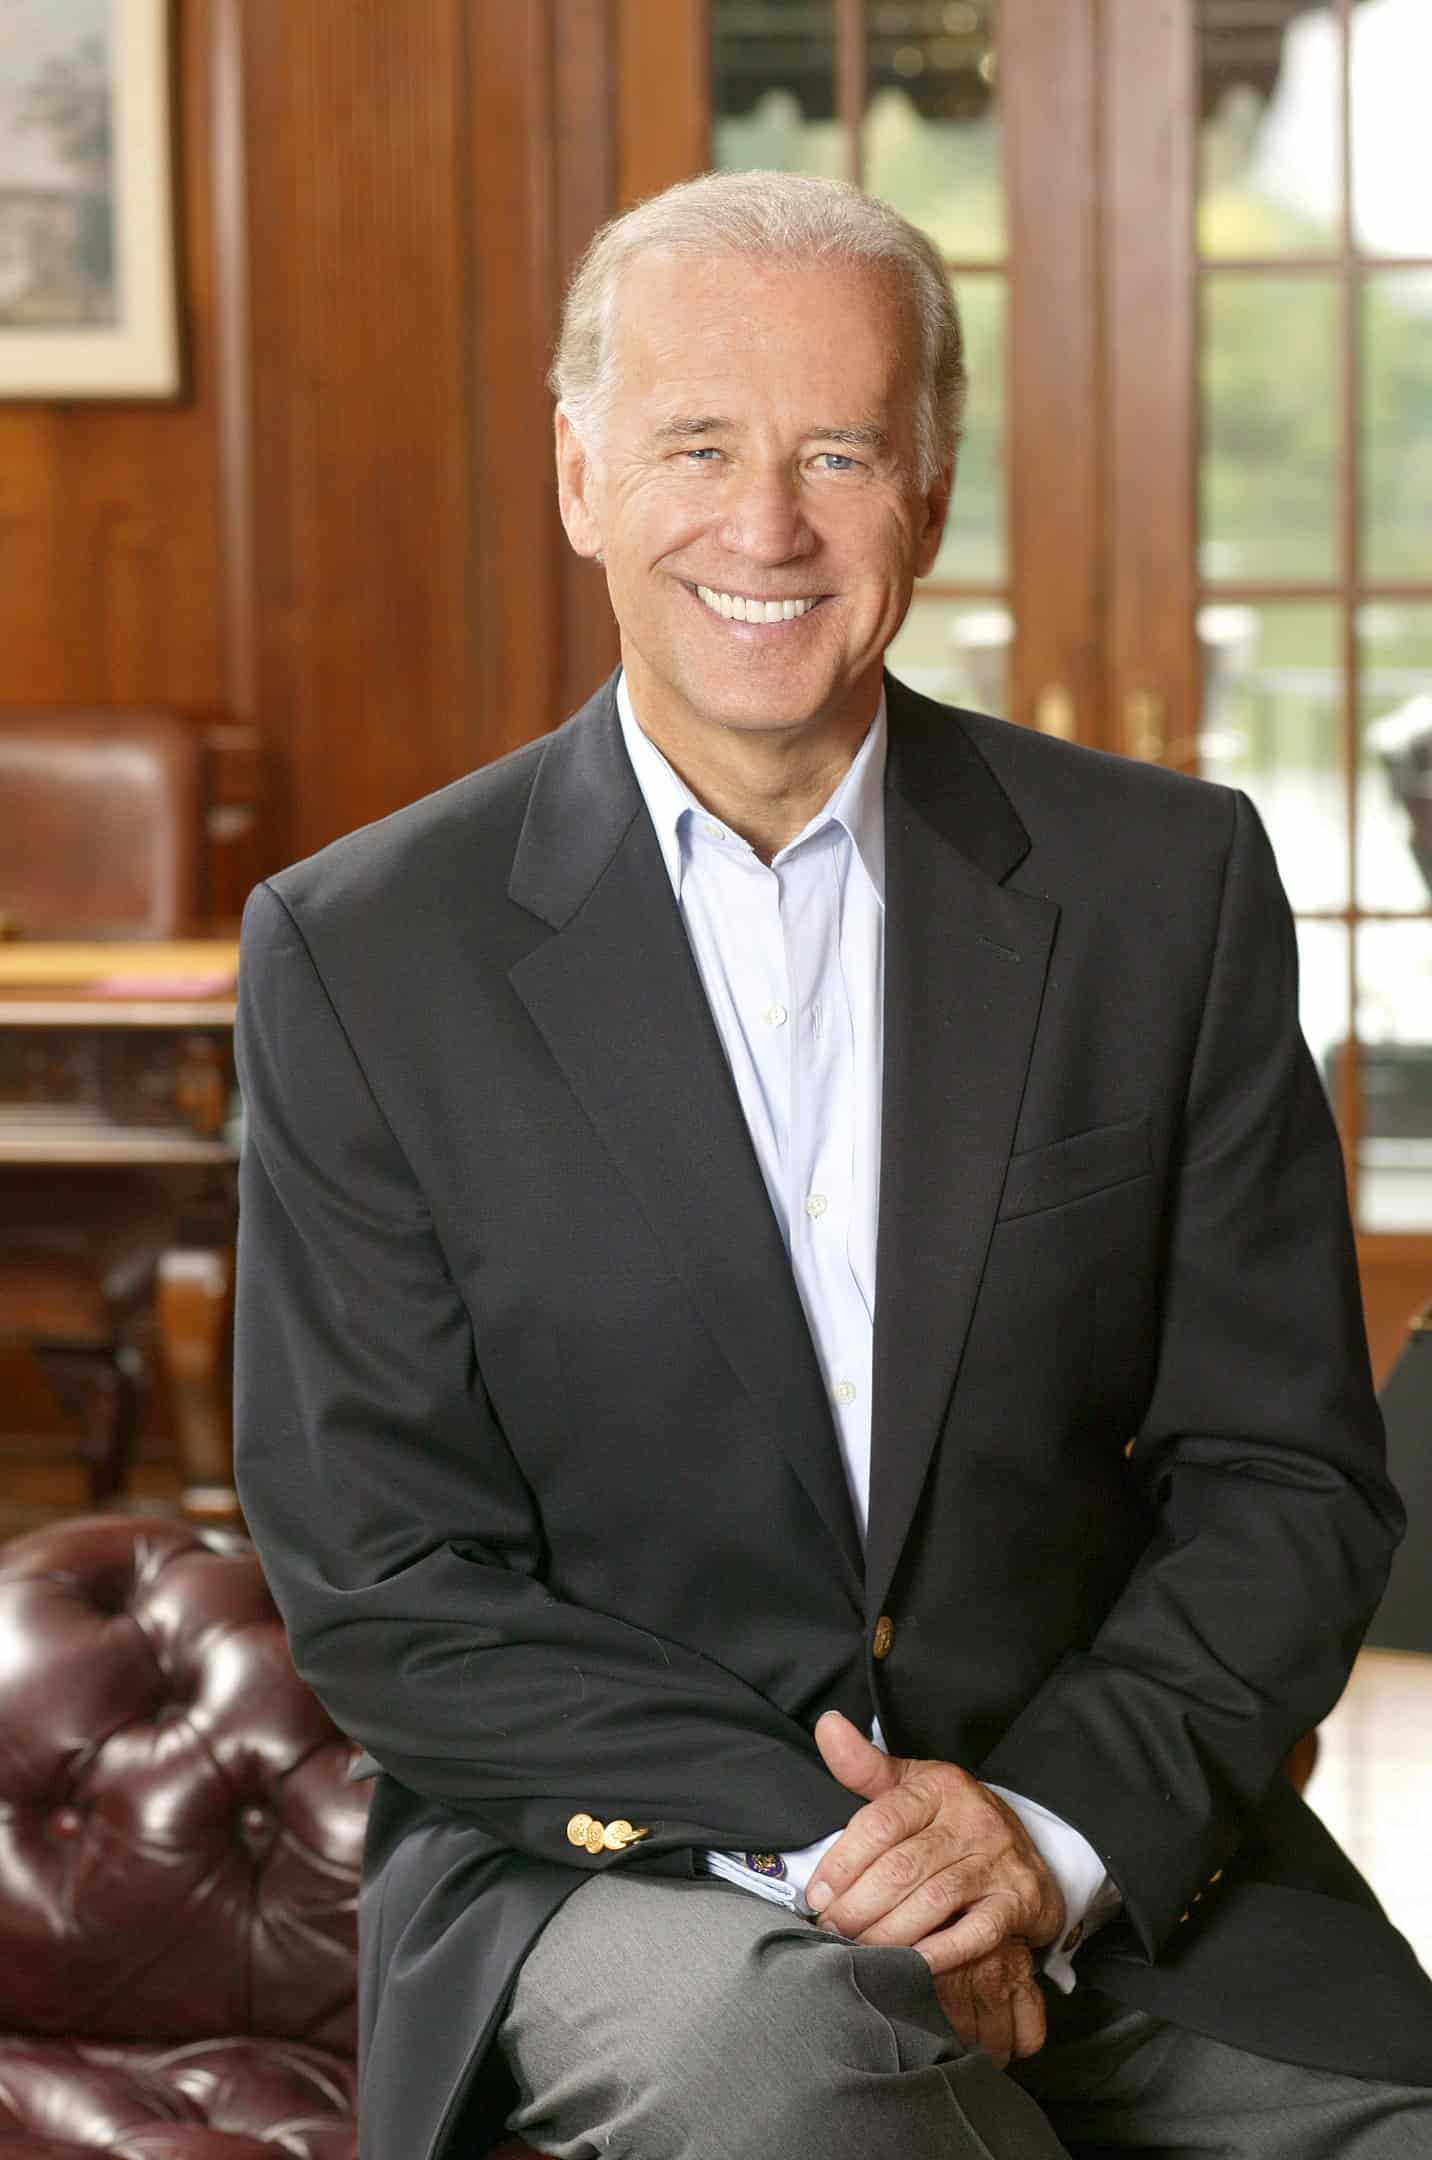 Joe Biden's official Senate photo from 2005.